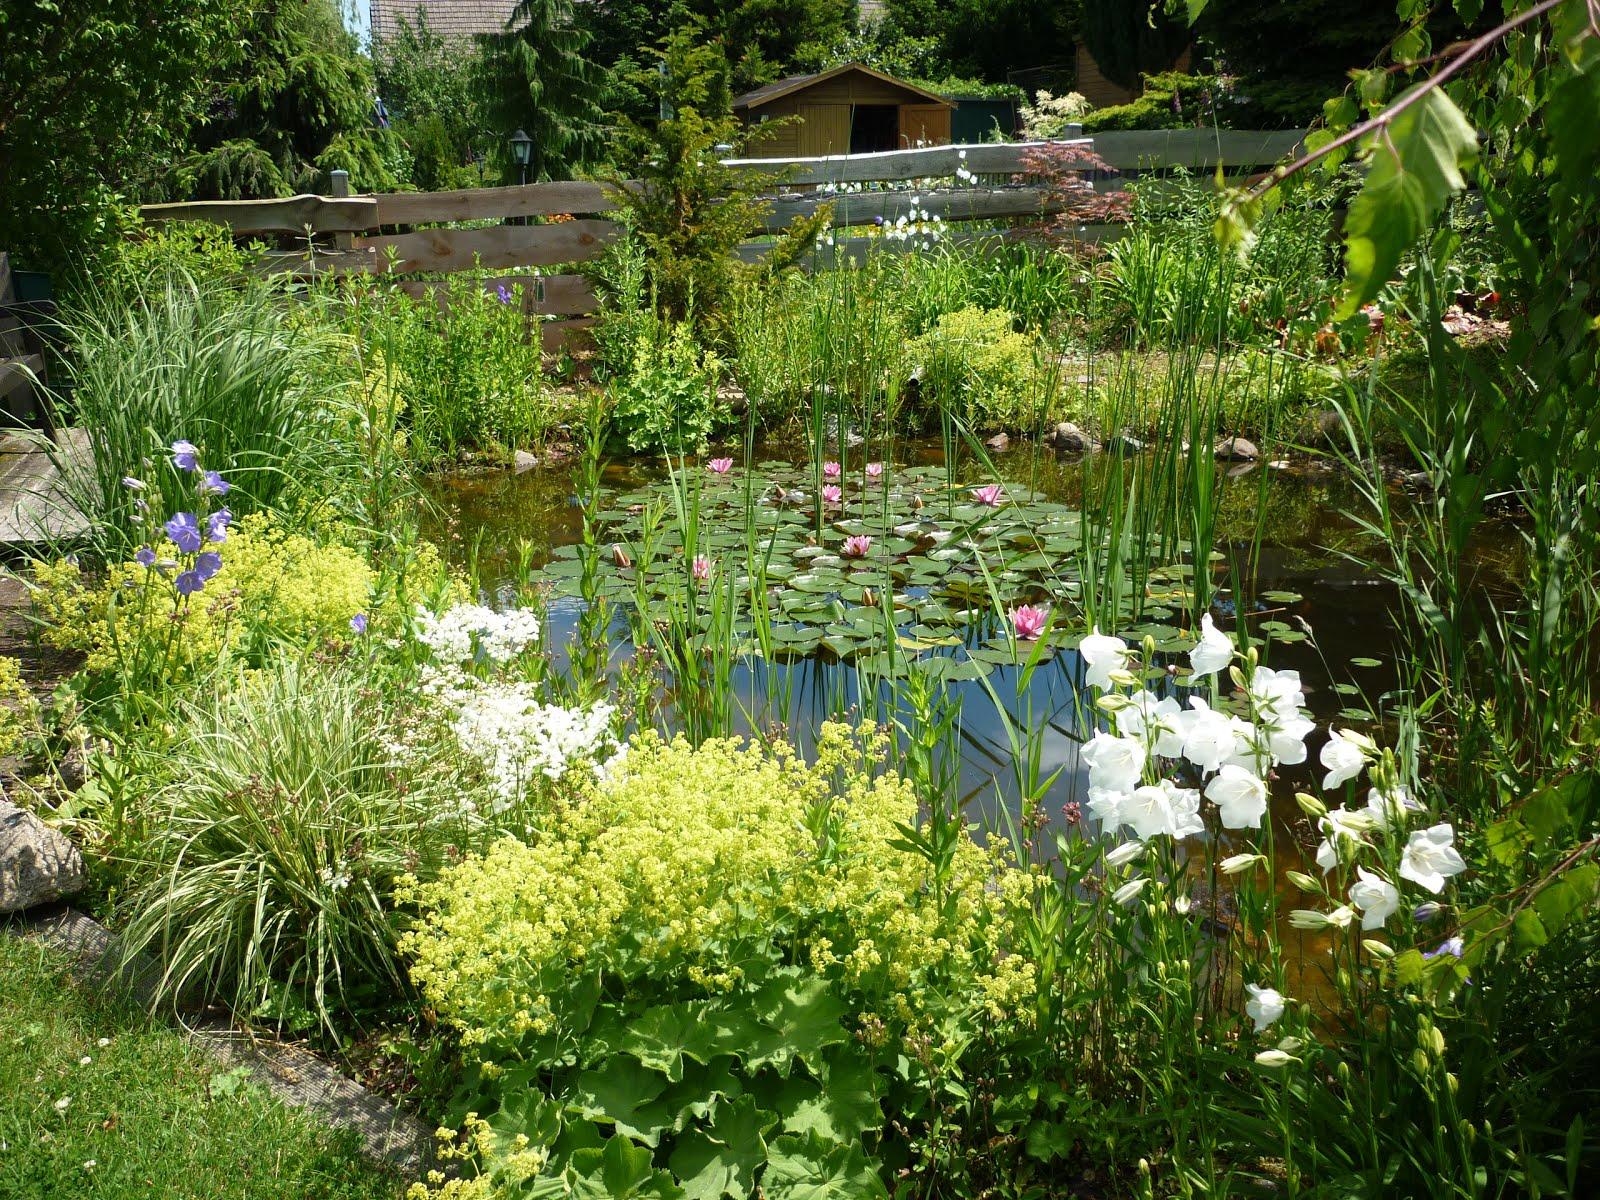 ... Garten Und Setzen Je Nach Jahreszeit Reizvolle Akzente. Neben Mehreren  Sitzplätzen Gibt Es Auf Dem Leicht Abfallenden Gelände Einen Naturnahen  Teich, ...